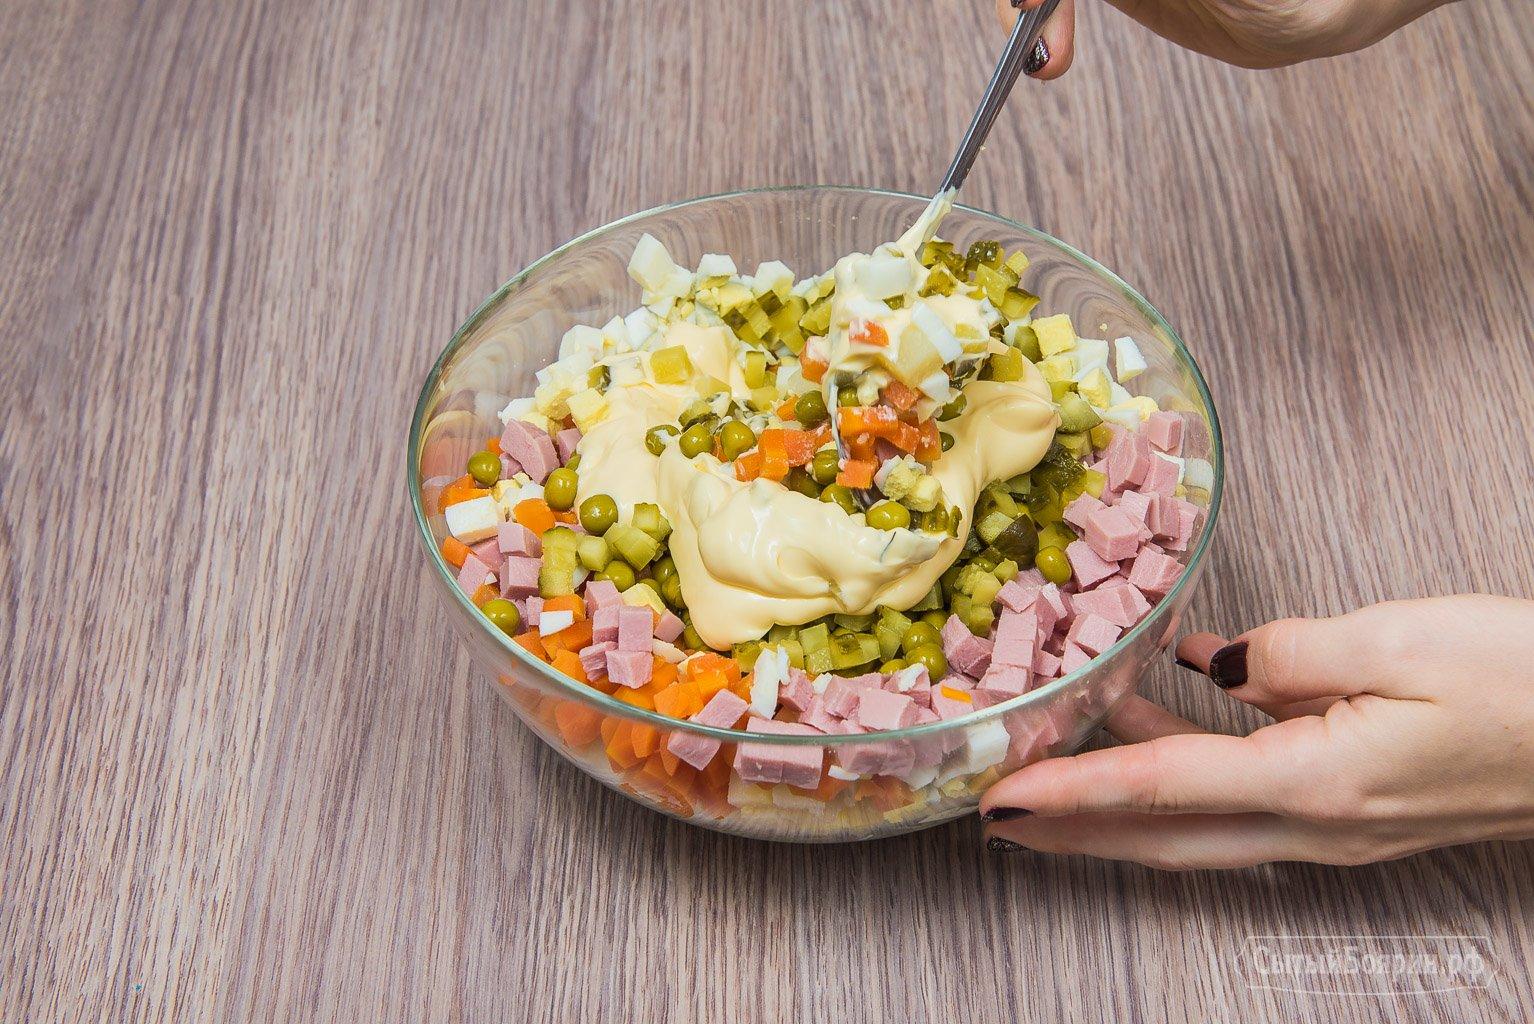 ведь салат оливье ингредиенты картинки окончательно